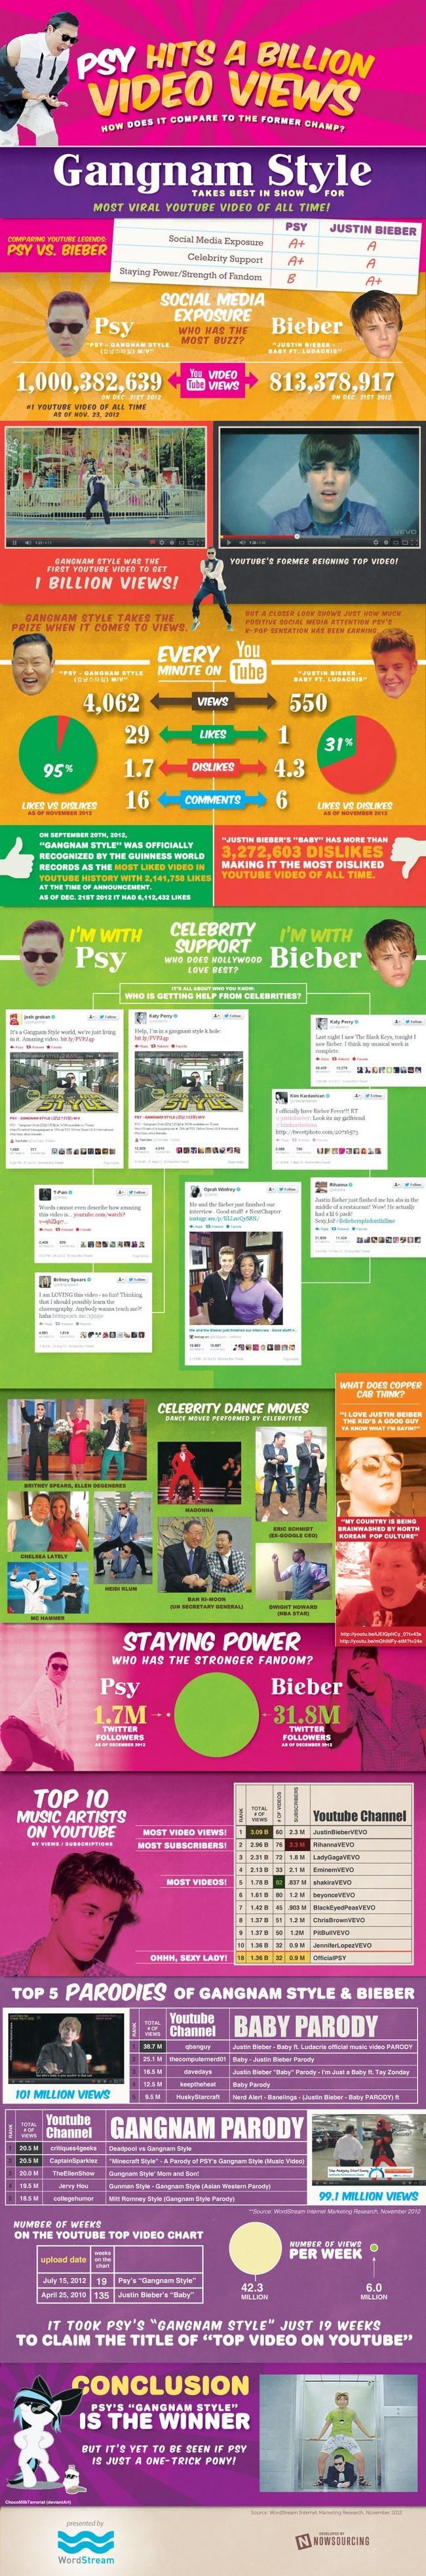 Gangnam Style - L'histoire du record en 1 image